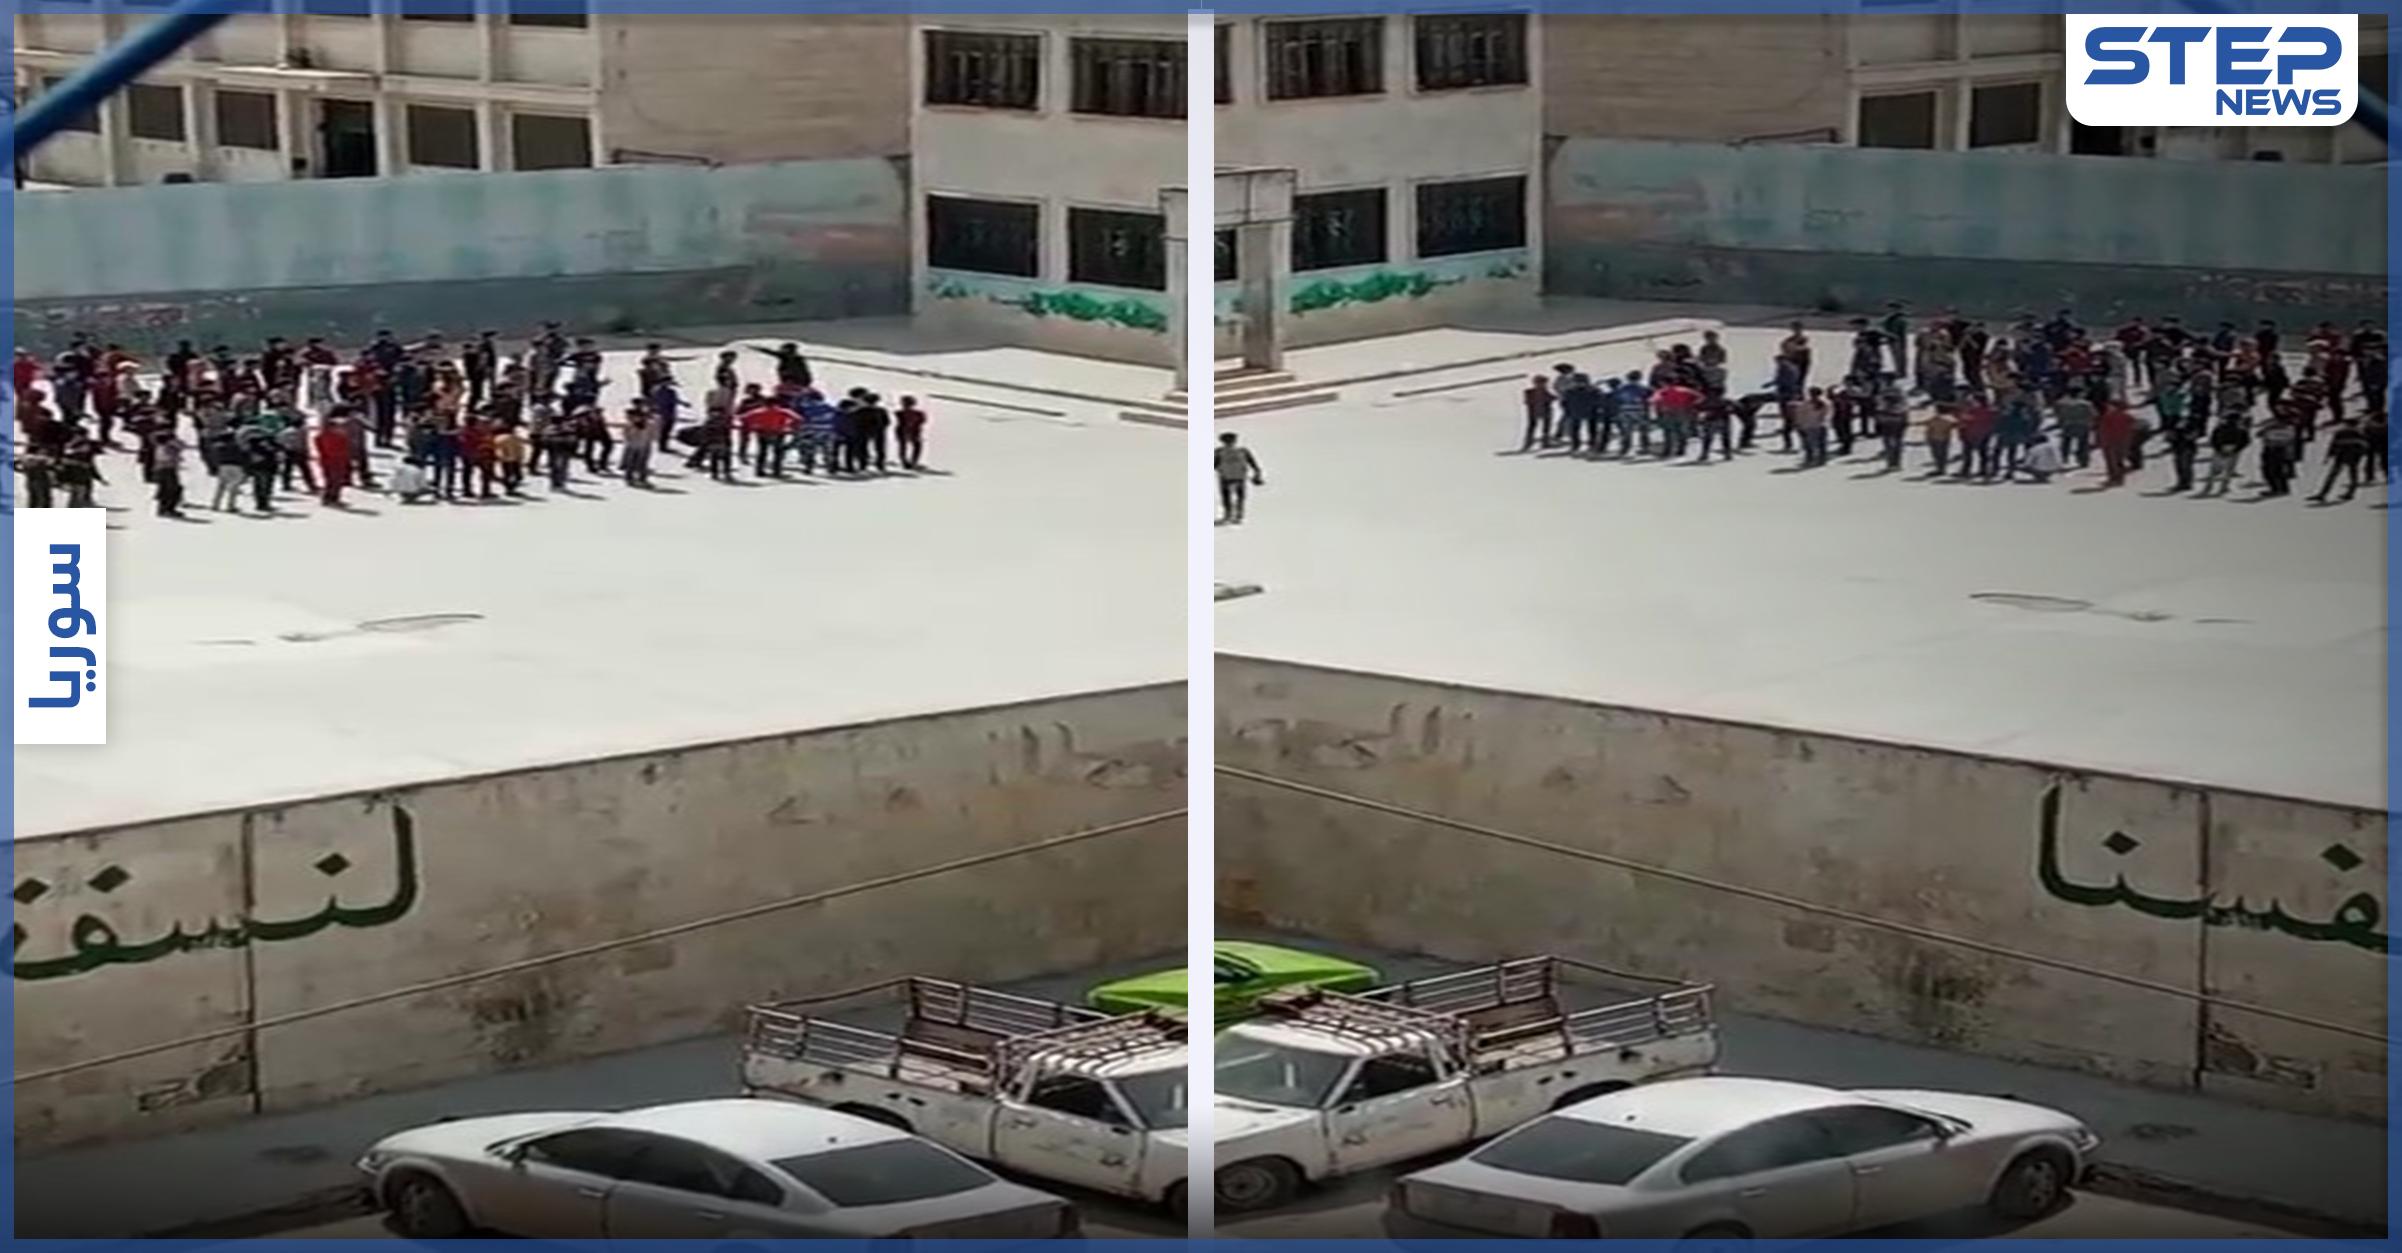 بالفيديو || مدرّس يعتدي بالضرب العنيف على طلابه في إحدى مدارس إدلب.. وإجراءات بحقه